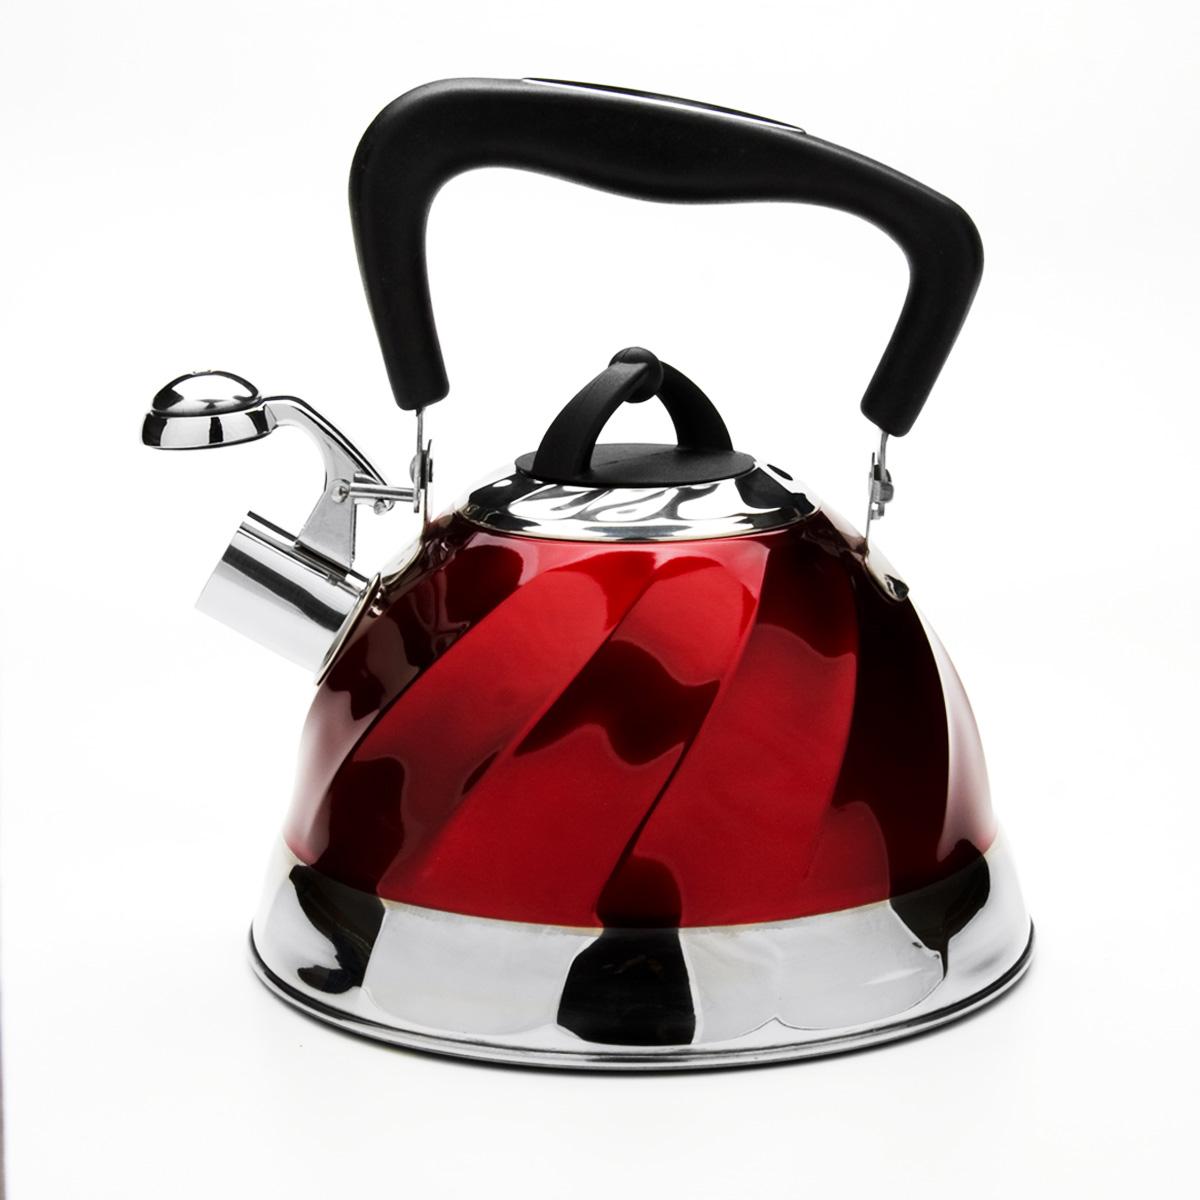 Чайник Mayer & Boch со свистком, цвет: красный, 3 л. 2378423784Чайник Mayer & Boch выполнен из высококачественной нержавеющей стали, что обеспечивает долговечность использования. Внешнее цветное эмалевое покрытие придает приятный внешний вид. Подвижная ручка из бакелита делает использование чайника очень удобным и безопасным. Чайник снабжен свистком и устройством для открывания носика. Можно мыть в посудомоечной машине. Пригоден для всех видов плит, кроме индукционных.